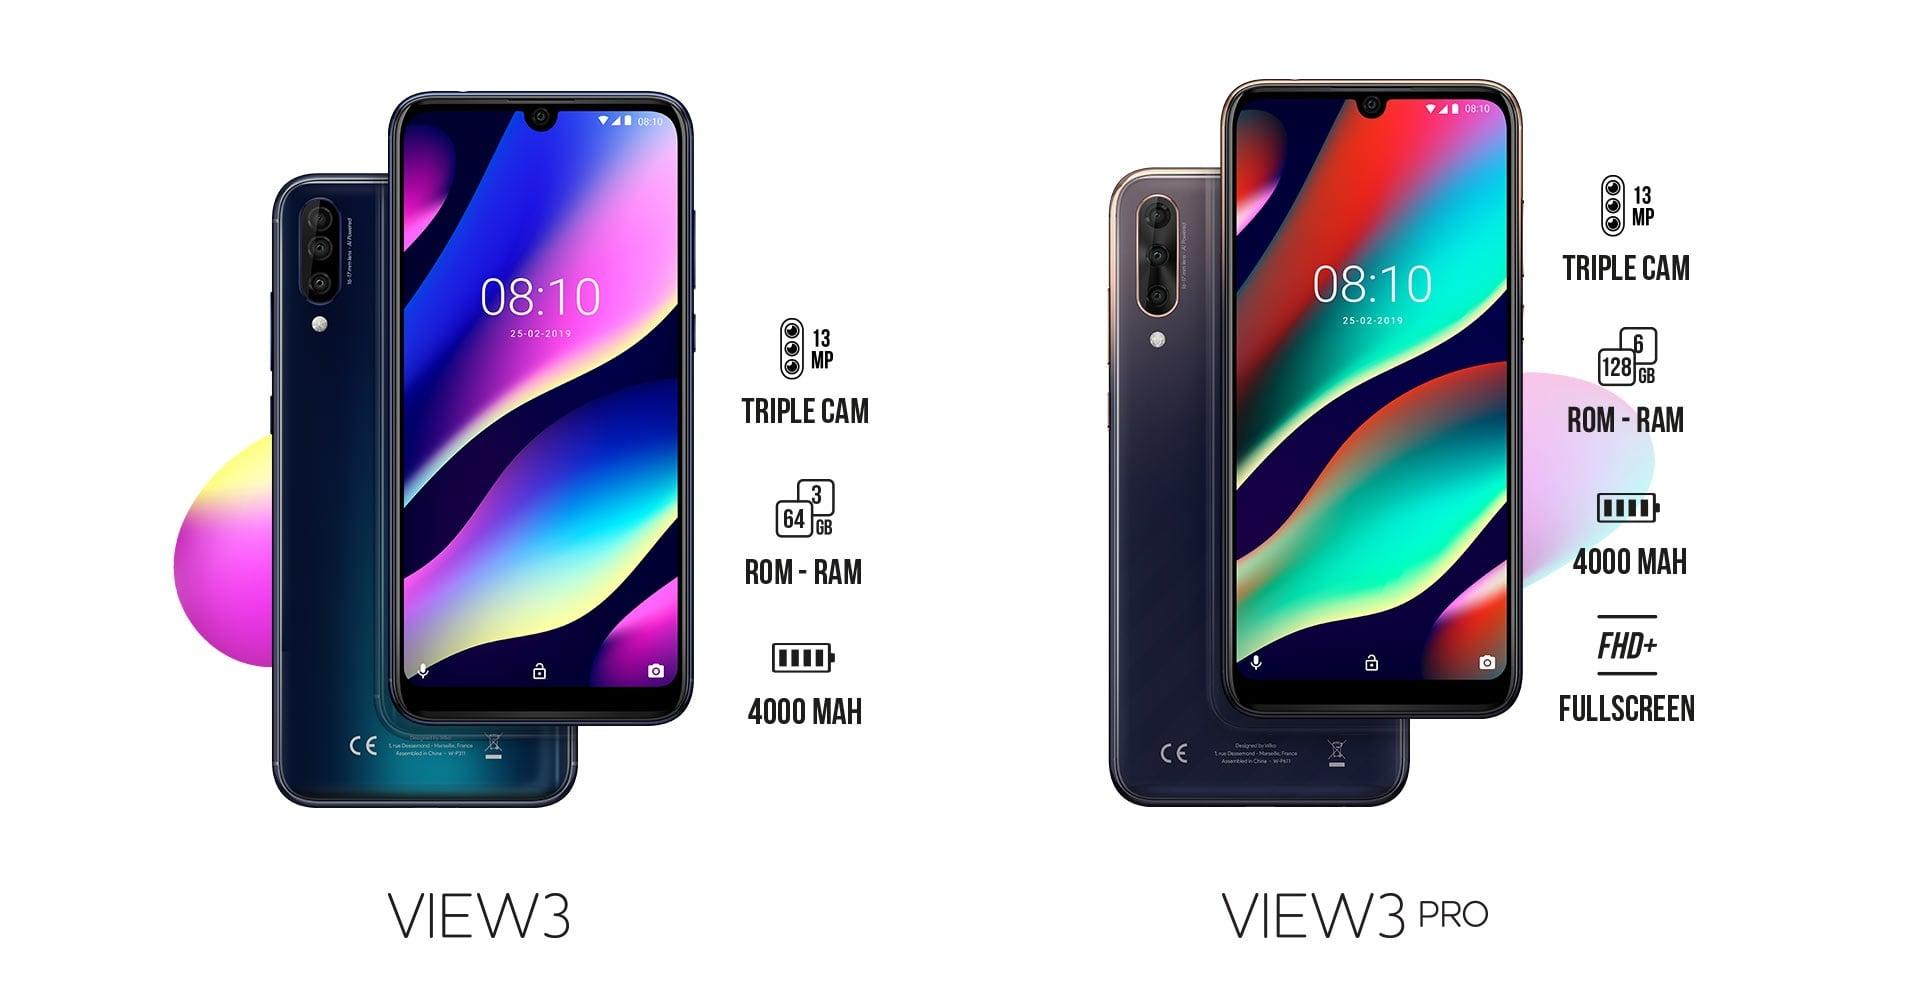 Marka Wiko zaprezentowała na MWC 2019 dwa smartfony z potrójnymi aparatami: View 3 i View 3 Pro 22